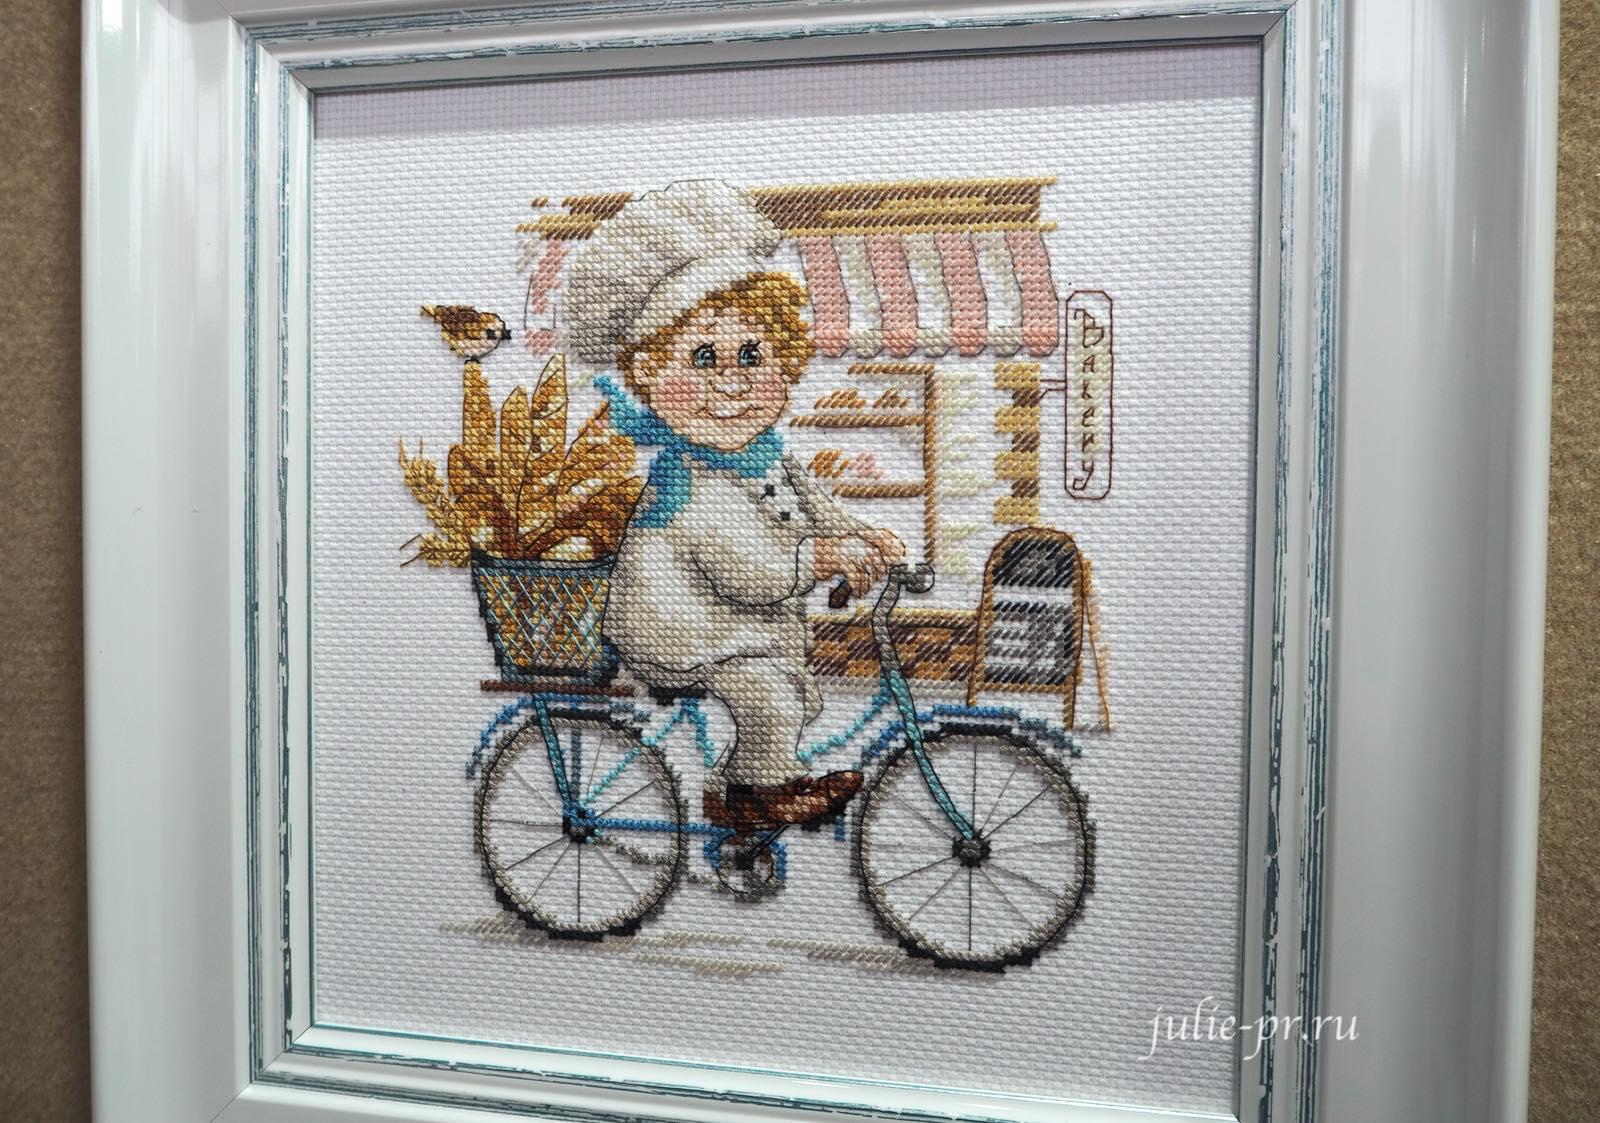 Алиса, вышивка крестом, повар, пекарь на велосипеде